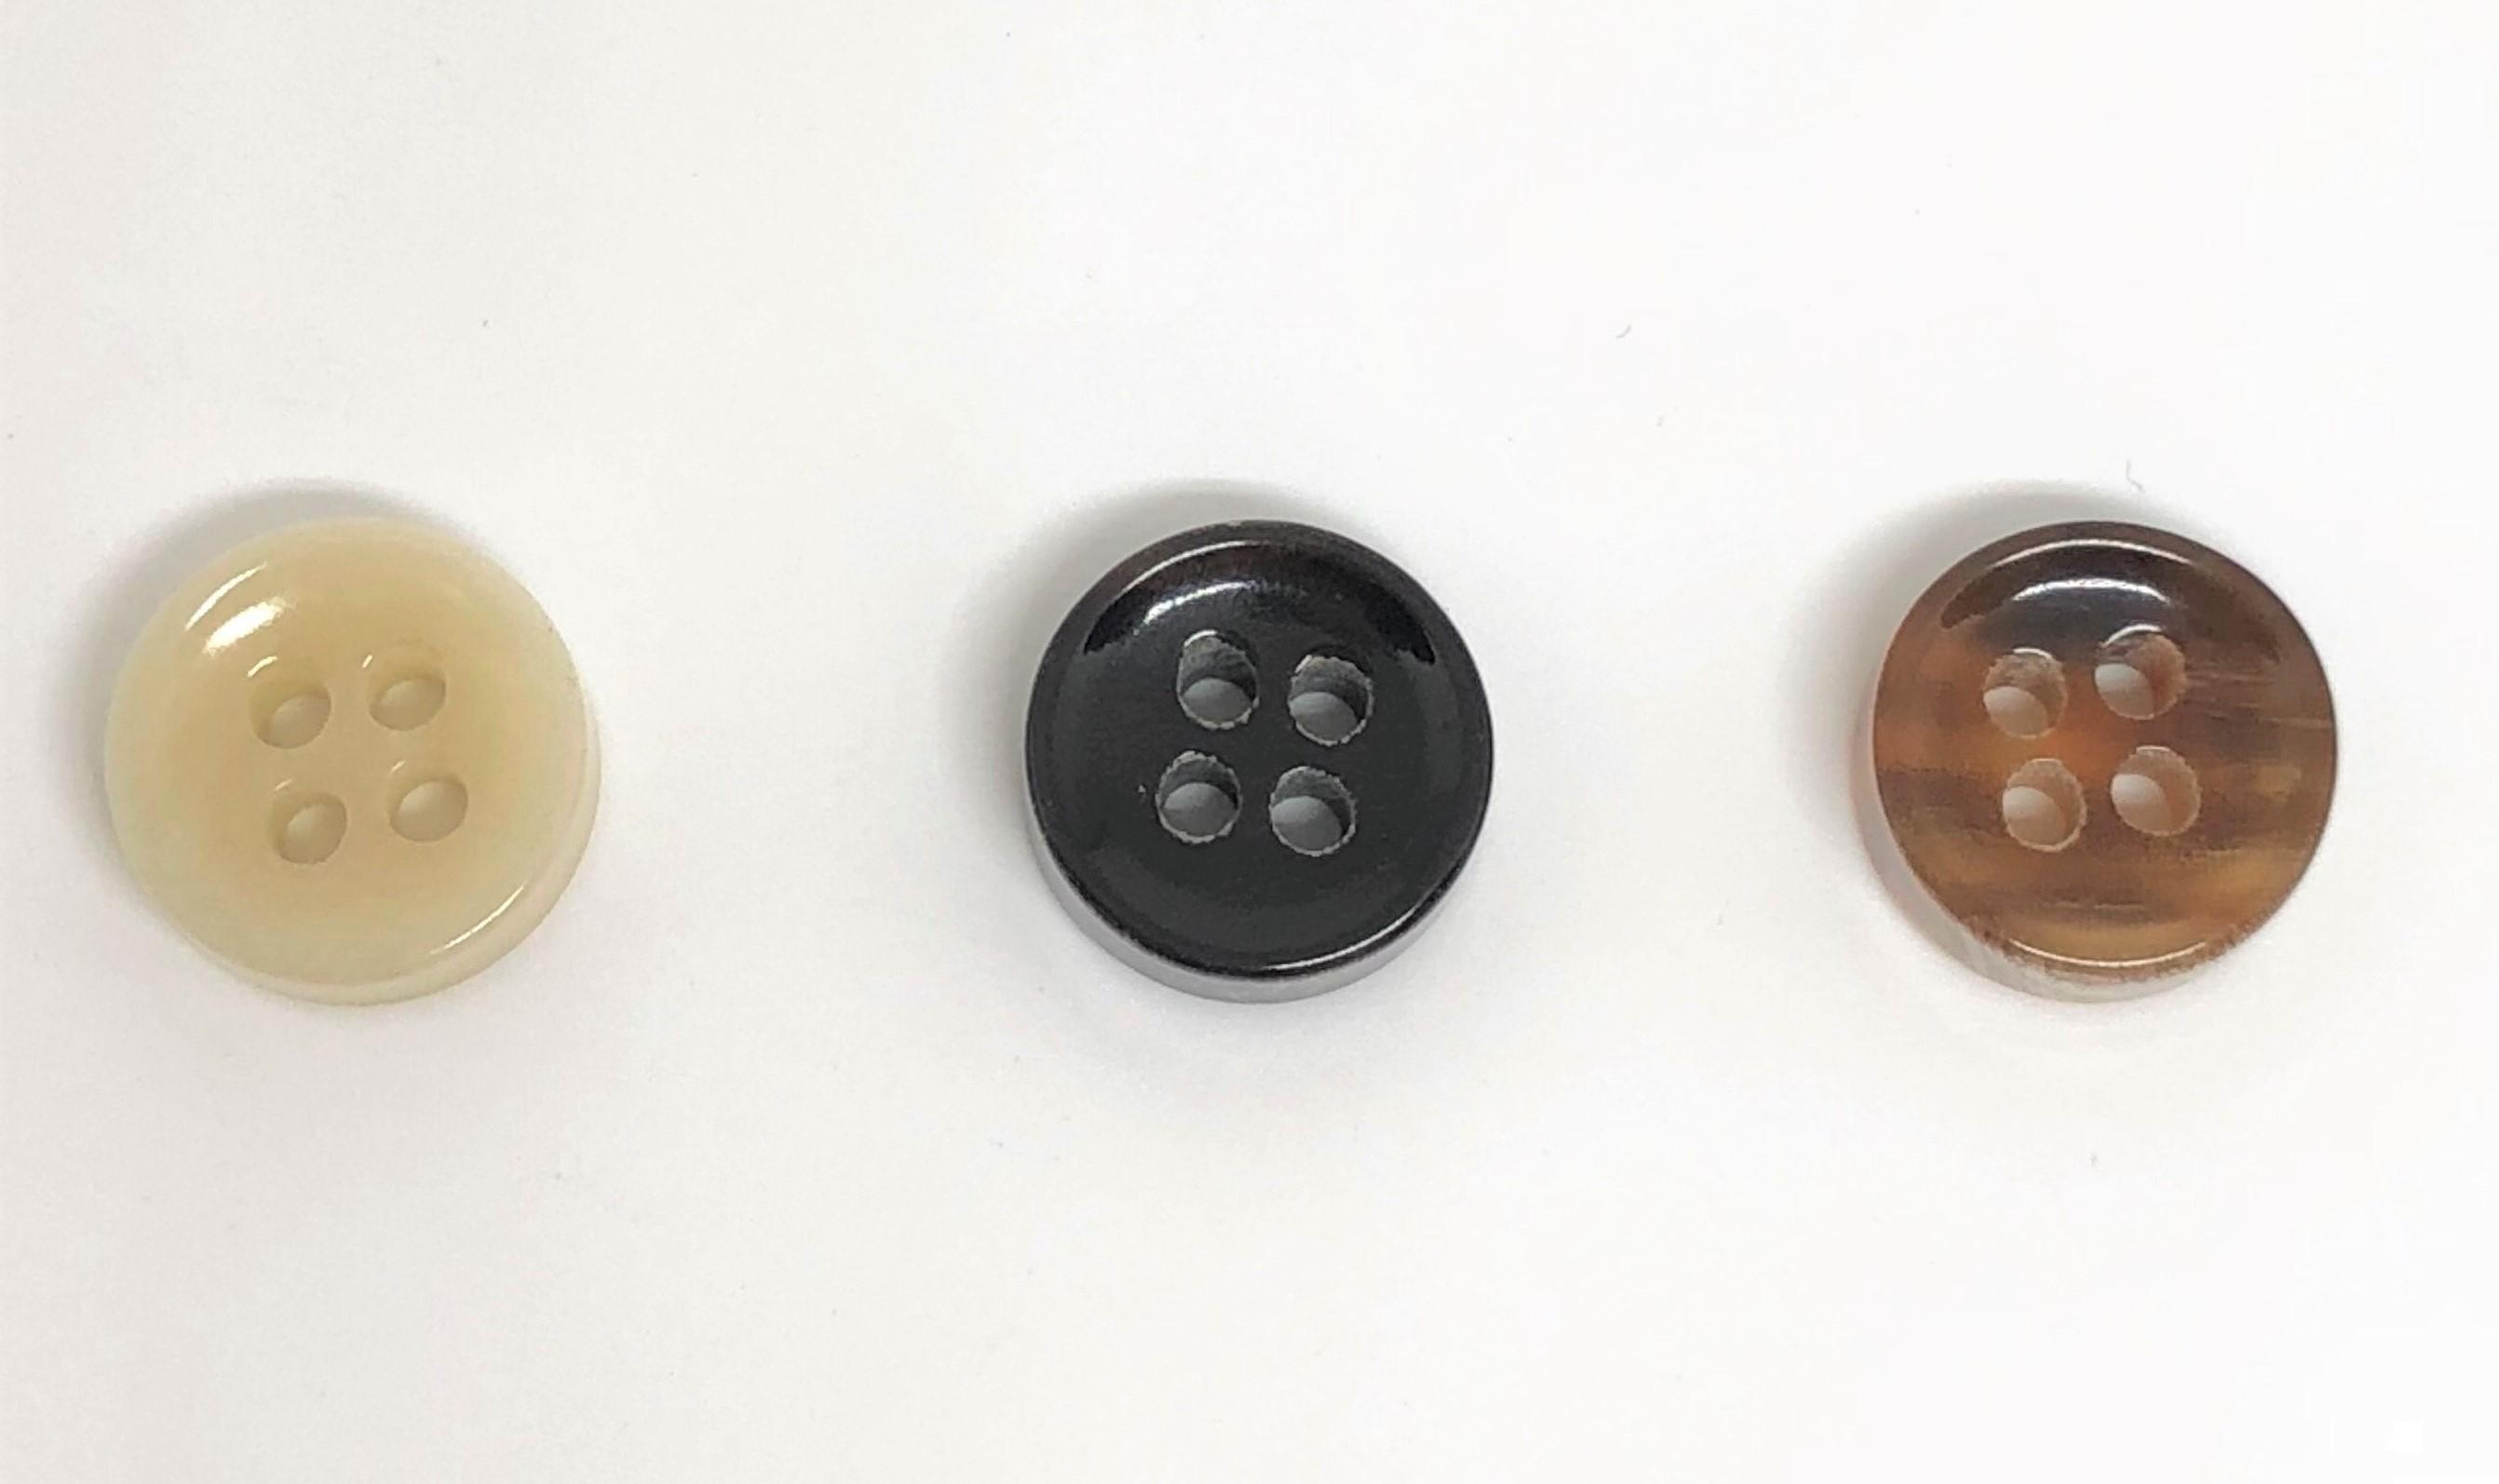 TGH1009 オリジナル水牛フチありボタン オークラ商事 - ApparelX アパレル資材卸通販